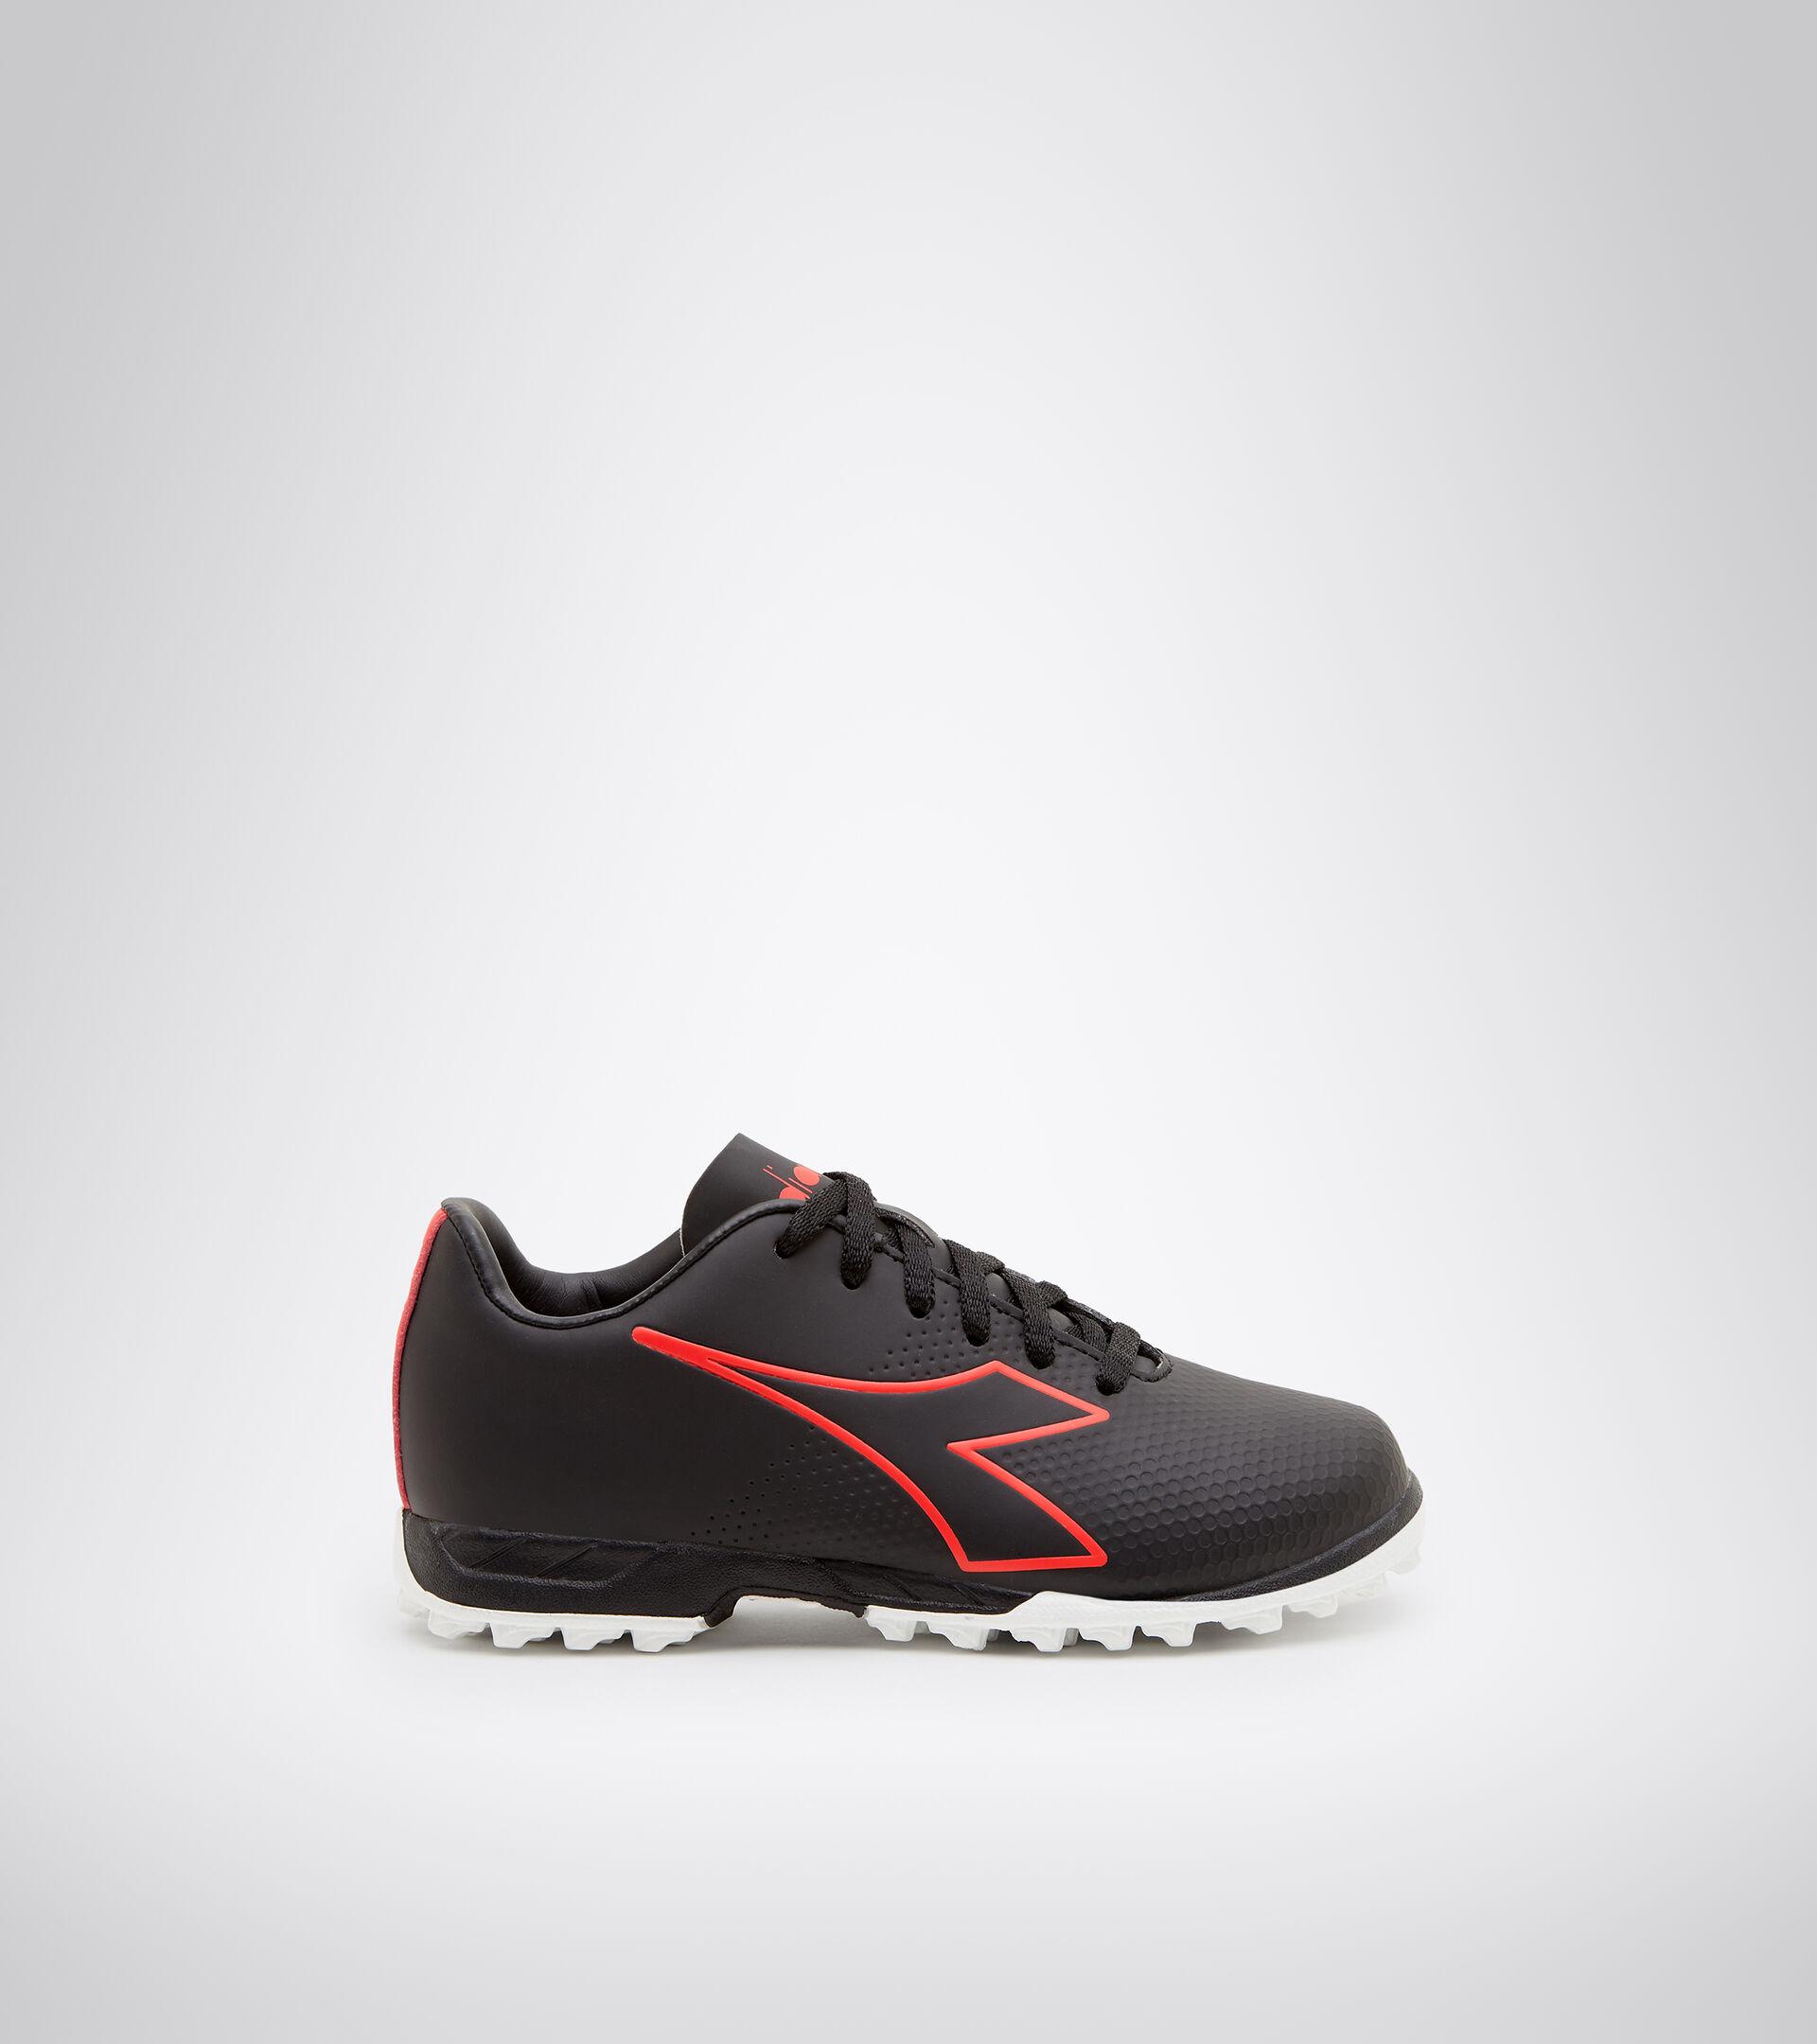 Chaussures de football pour terrains synthétiques - Garçon PICHICHI 4 TF JR NOIR/ROUGE FLUO/BLANC - Diadora